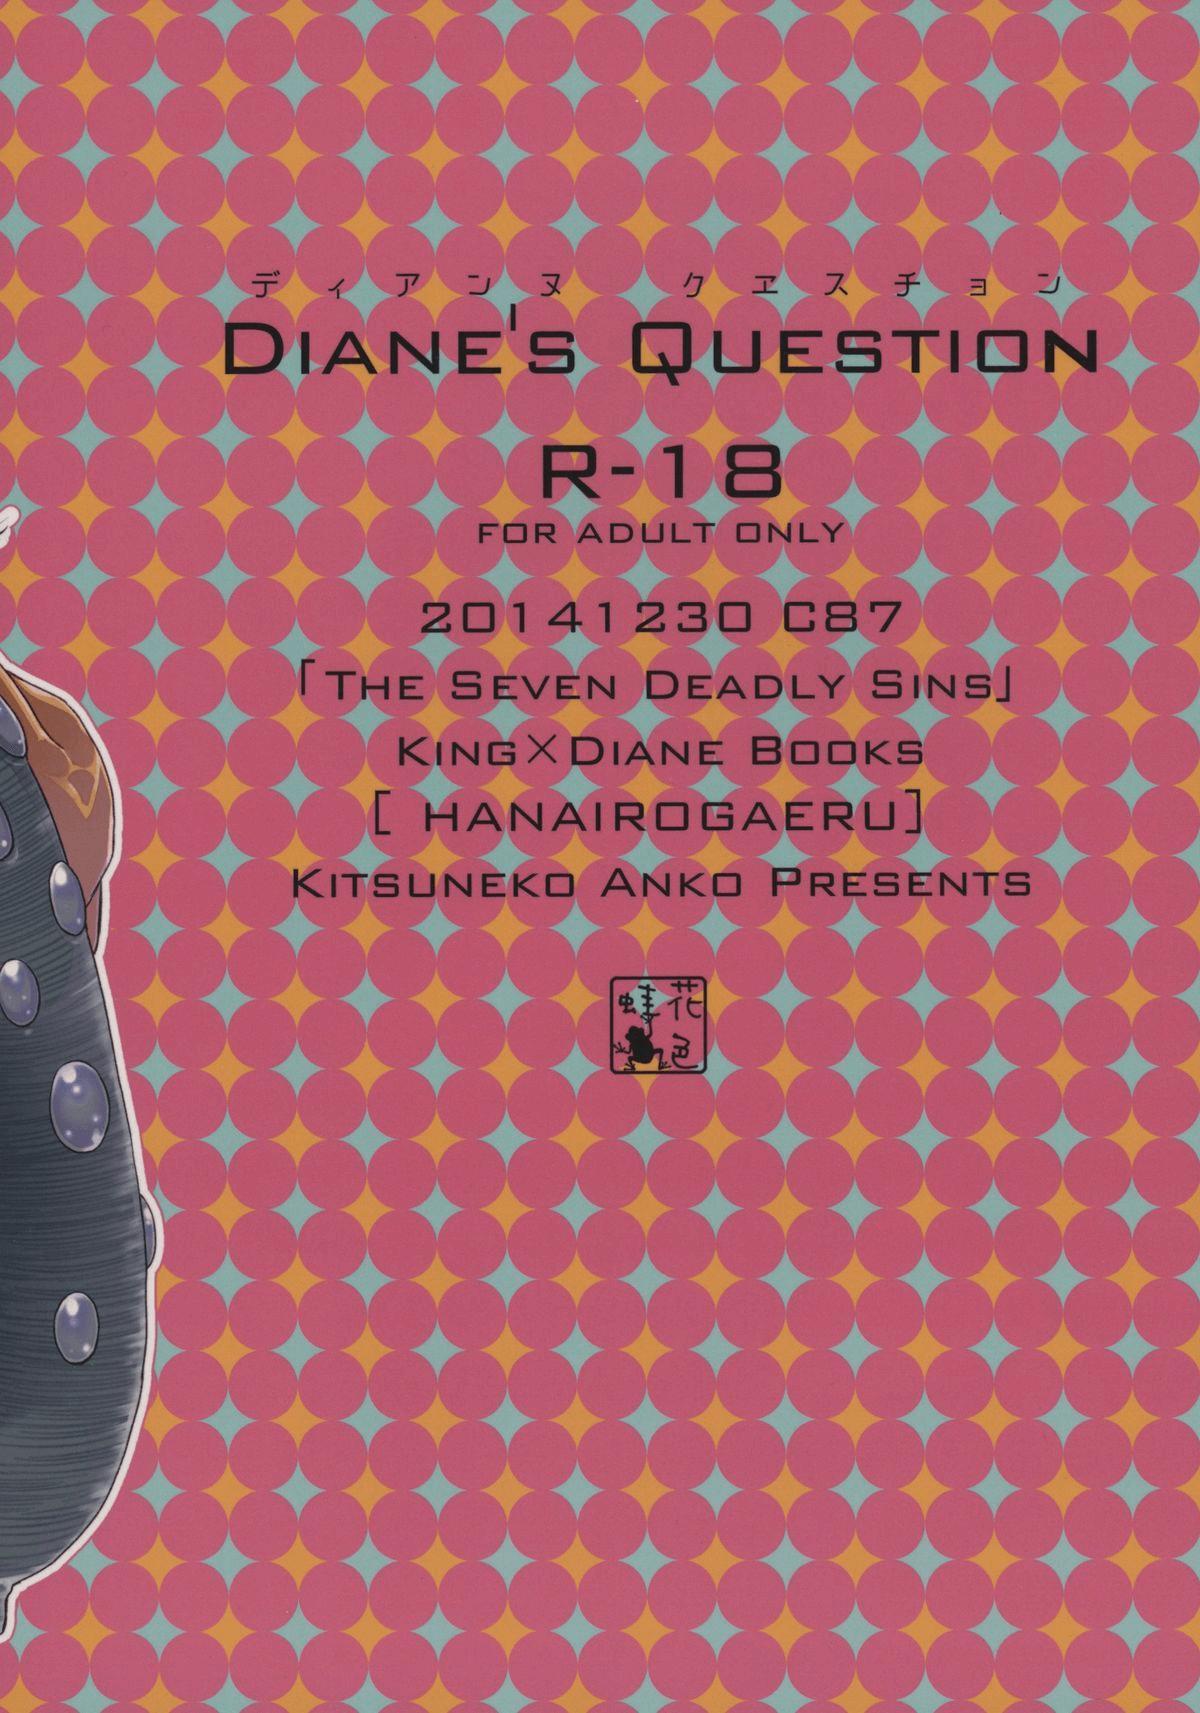 Diane's Question 1